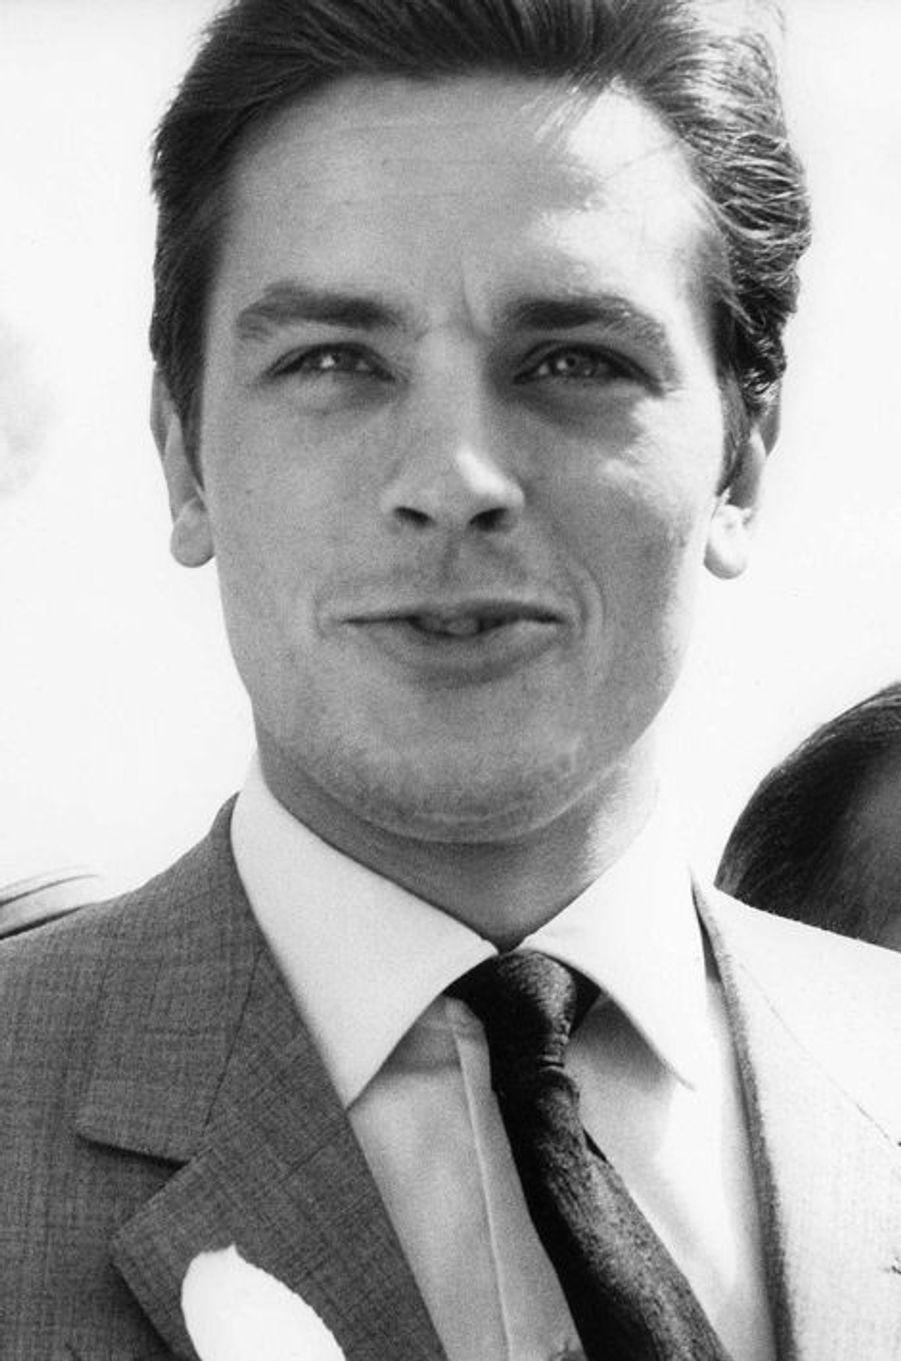 Alain Delon au Festival de Cannes 1962